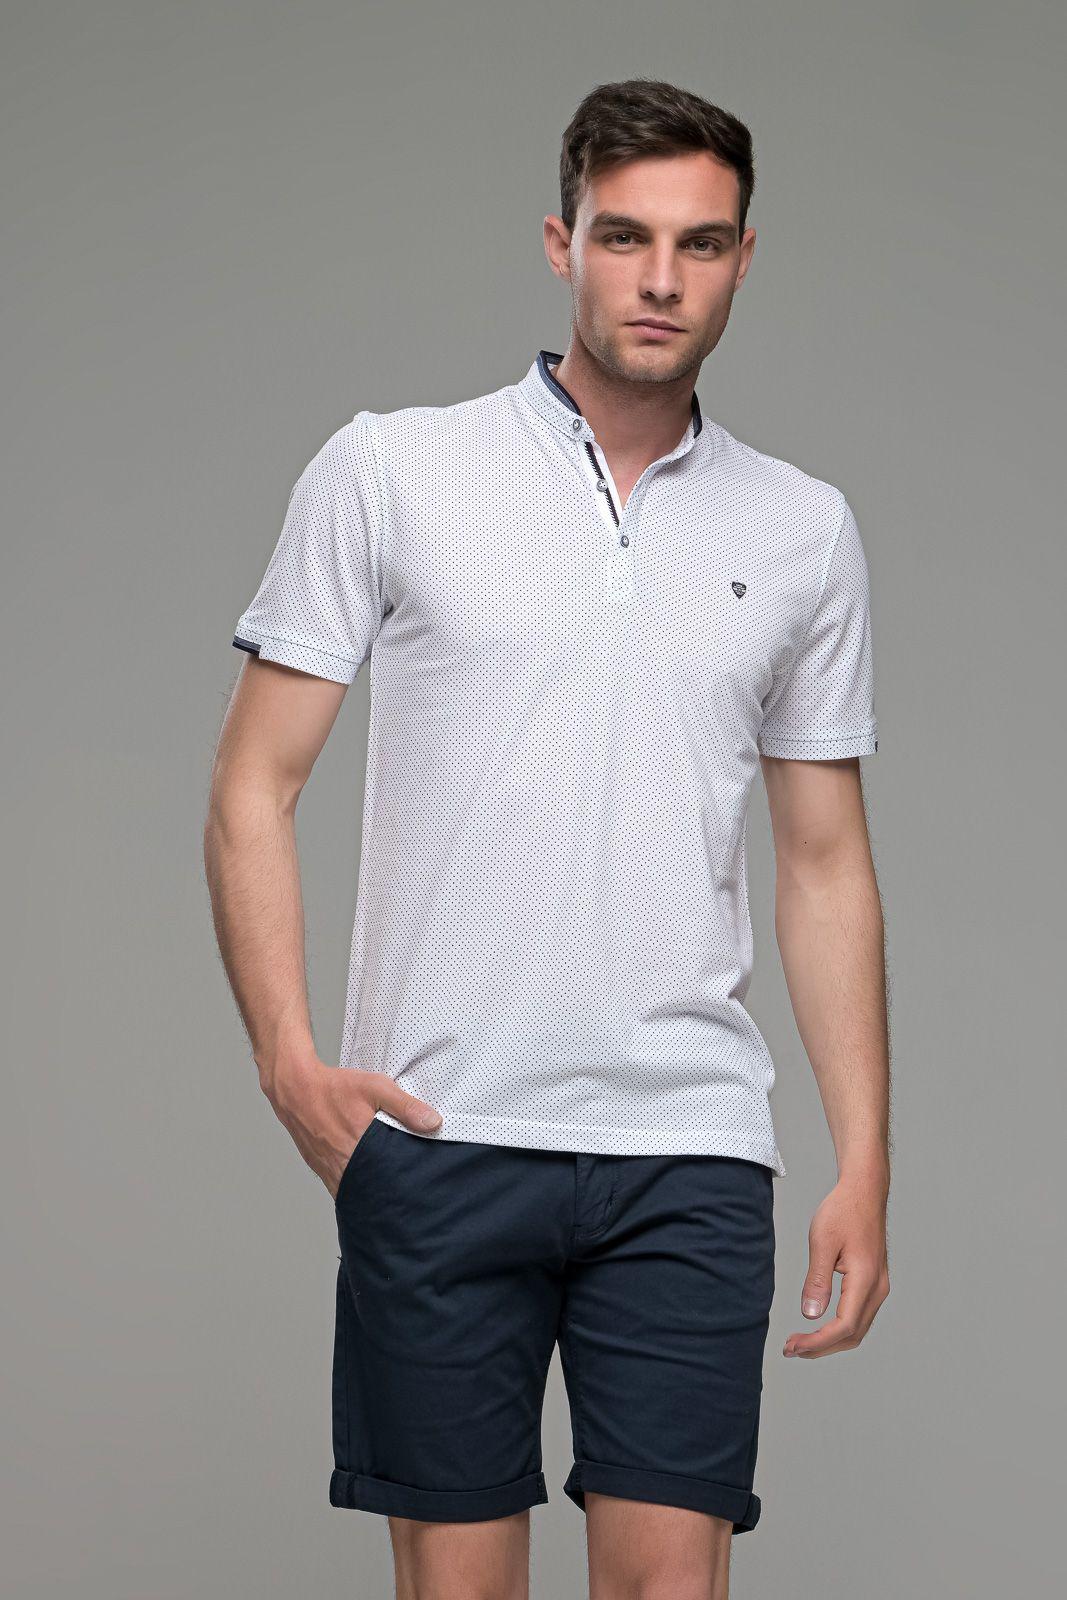 Μαο Λευκό Ανδρικό Πόλο Μπλουζάκι με Μπλε Μικροσχέδιο